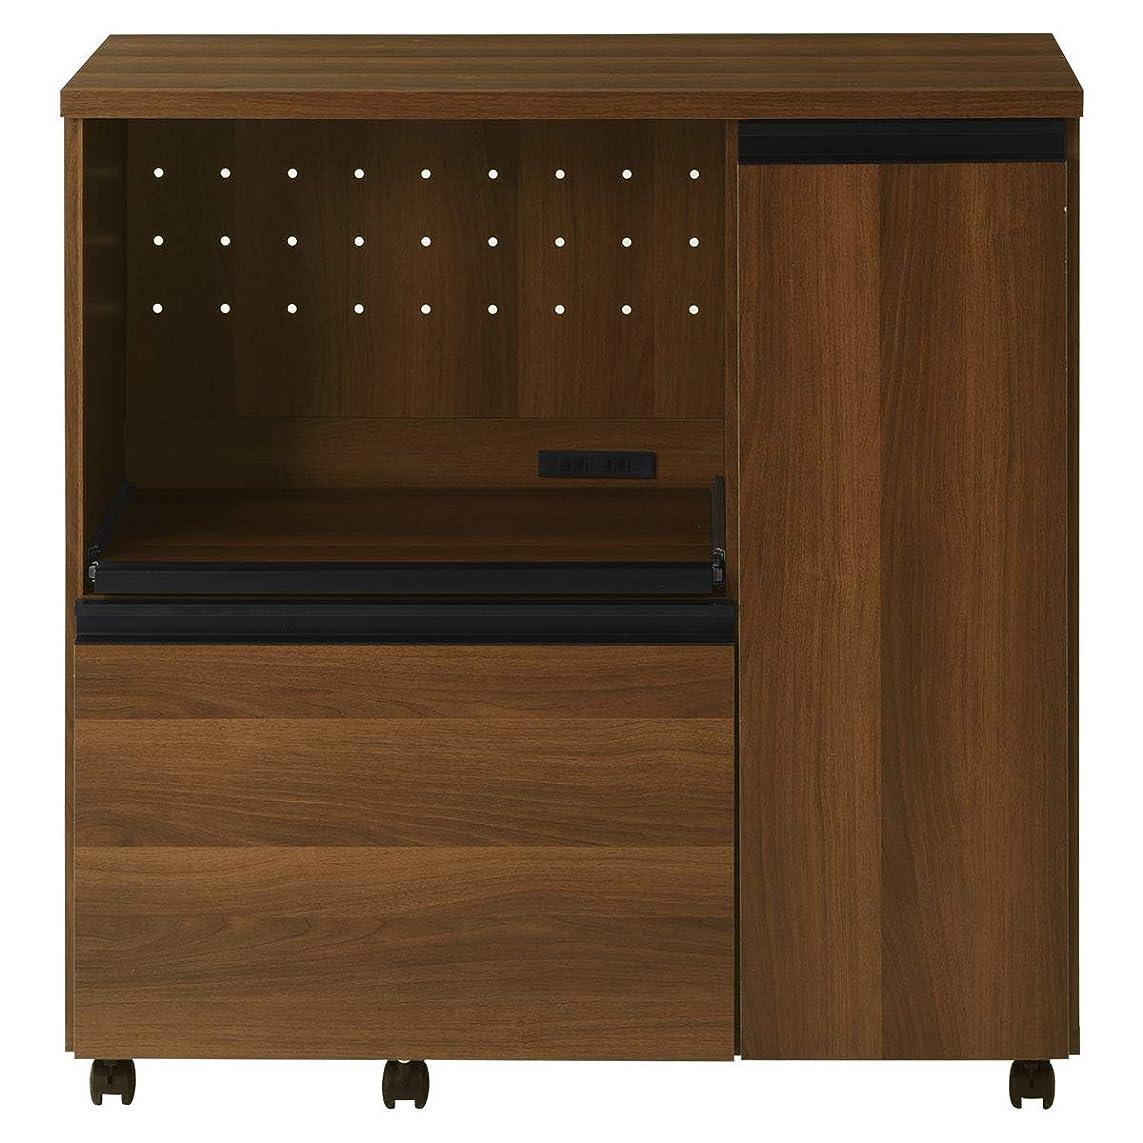 たまにモルヒネ不機嫌ぼん家具 キッチンカウンター 収納 キャスター付 約90cm幅 レンジ台 木目 木製 ウォールナット